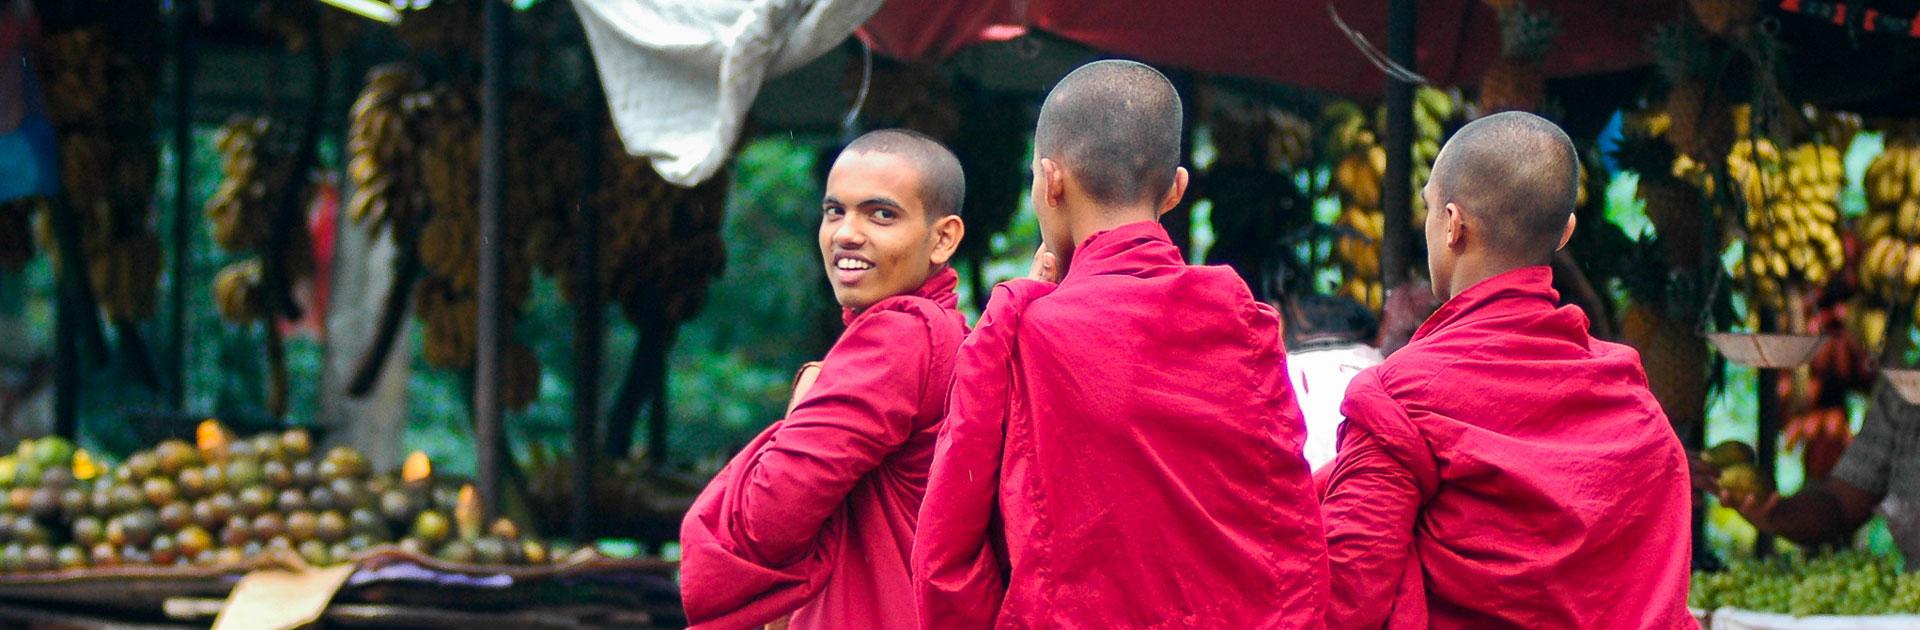 LK Gran Tour de Sri Lanka 14 días 2